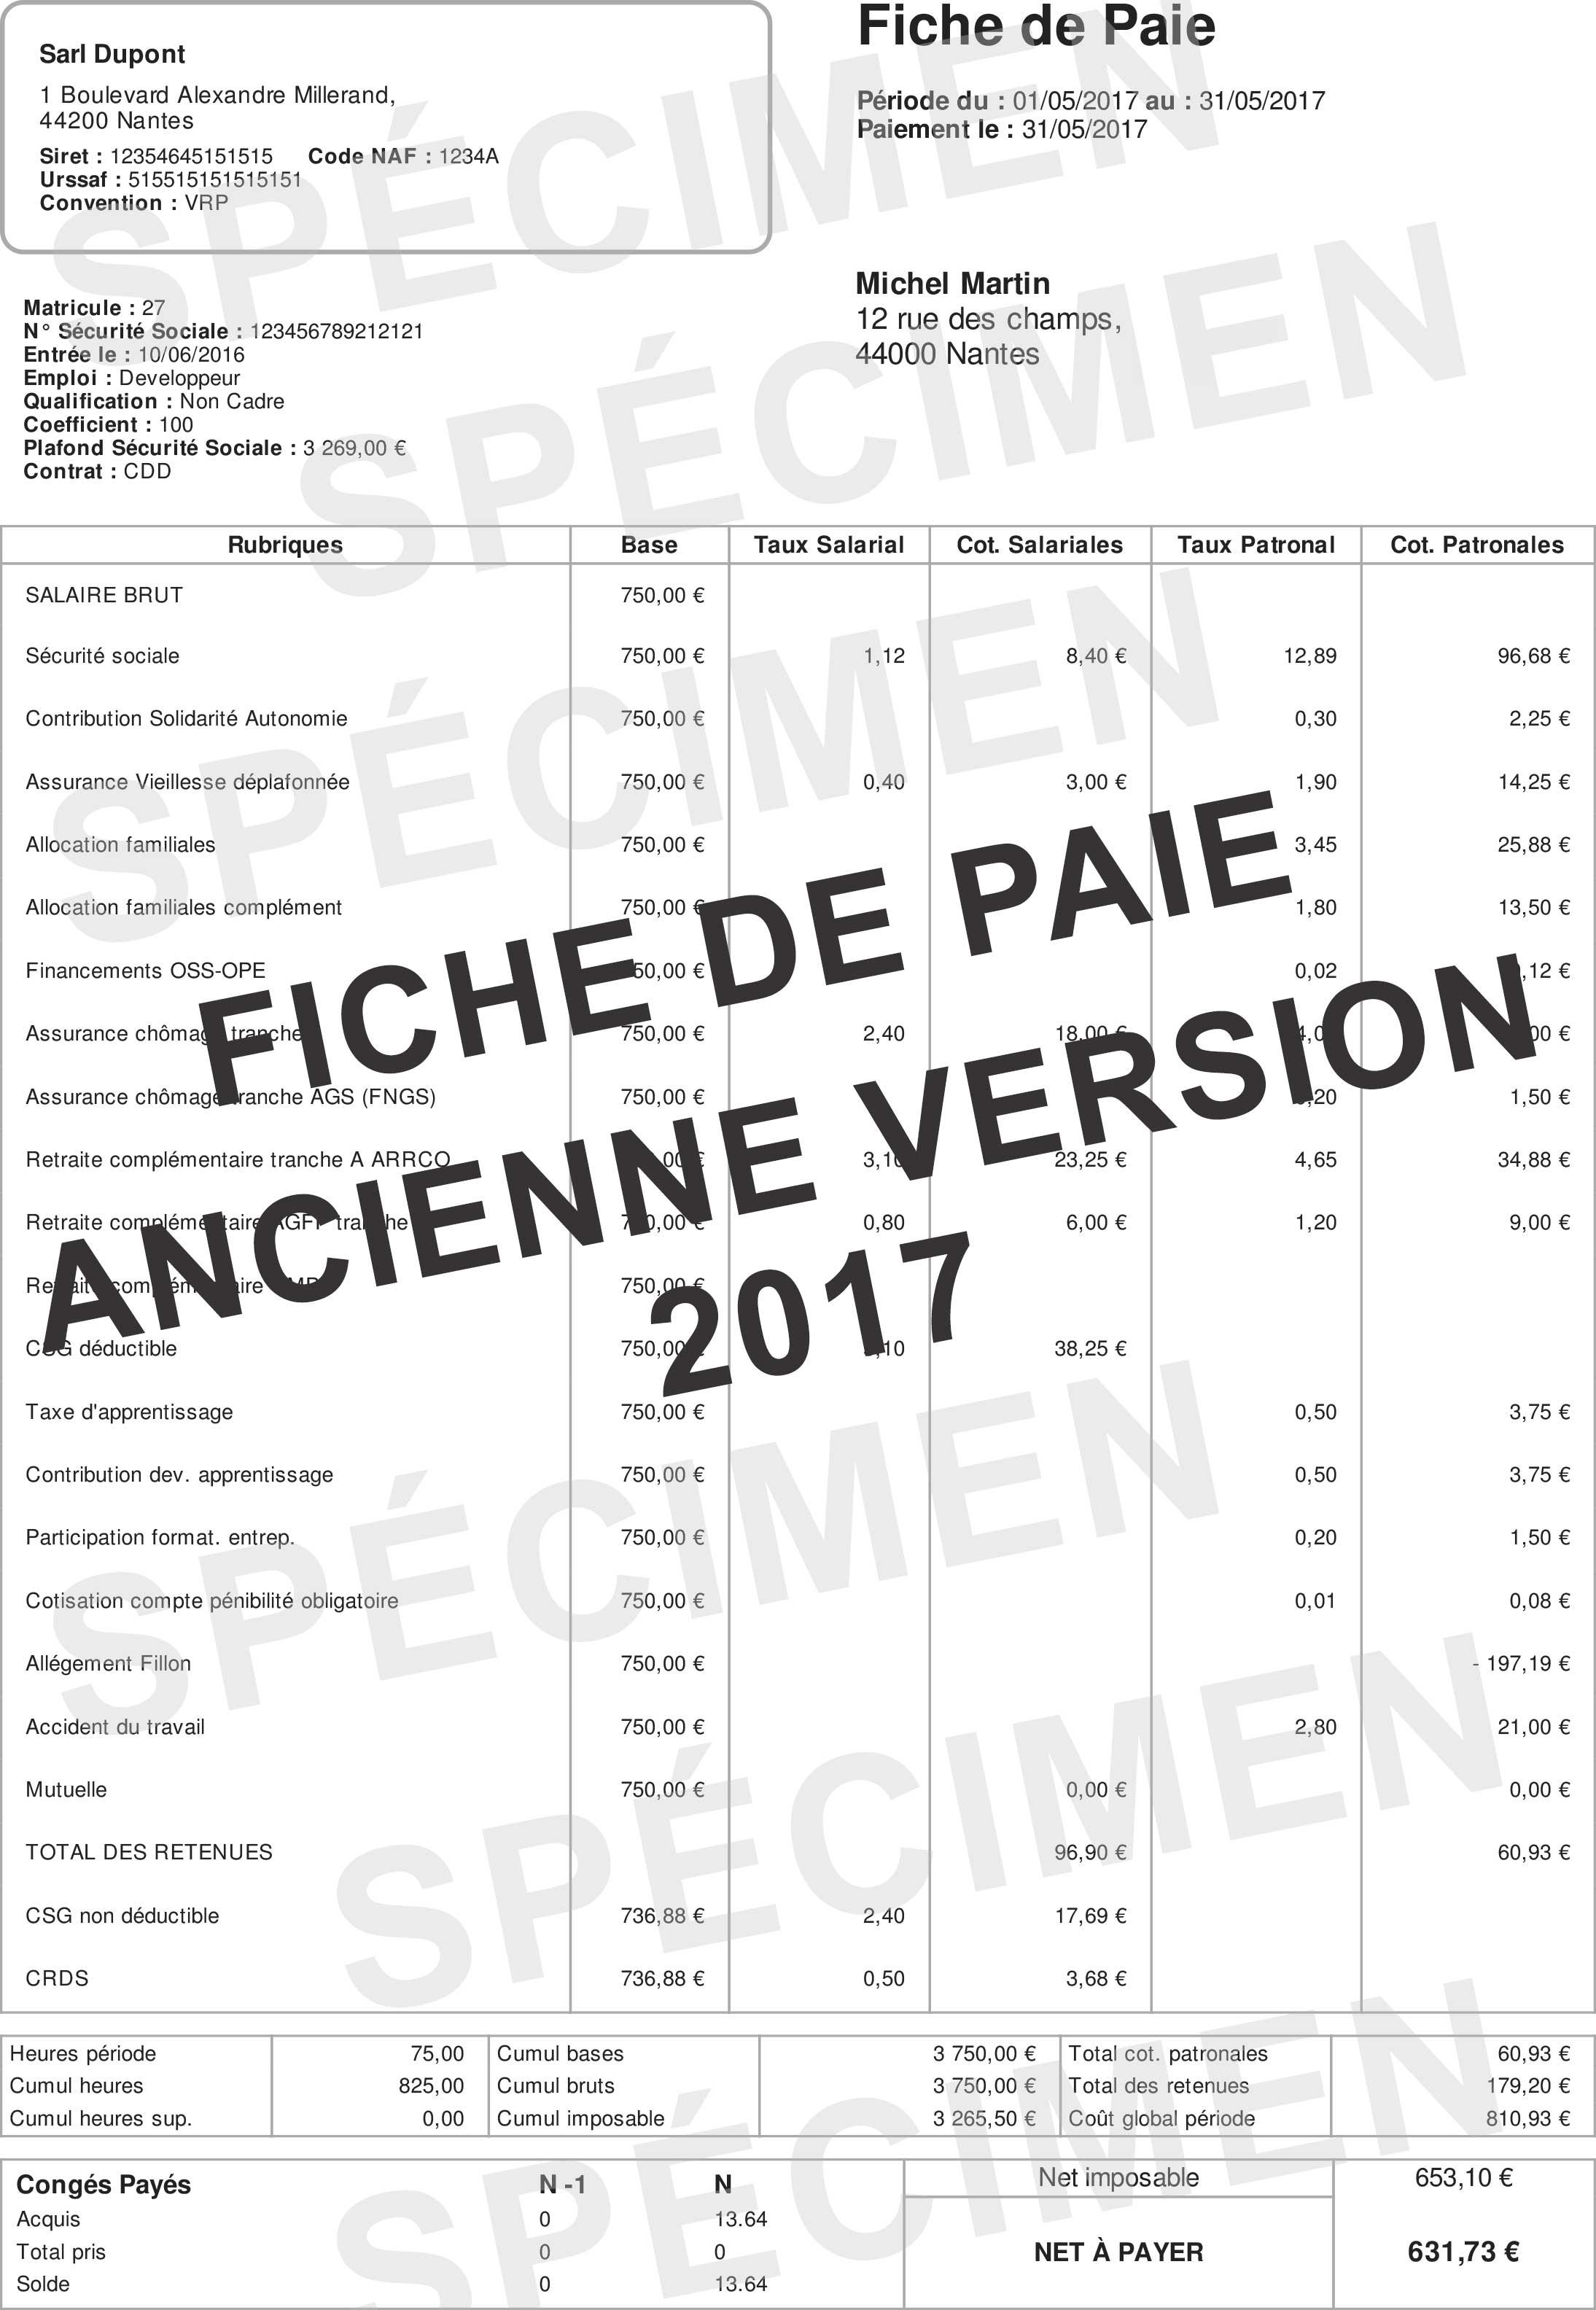 Fiche De Paie 2018 Le Bulletin De Paie Simplifié Fiche